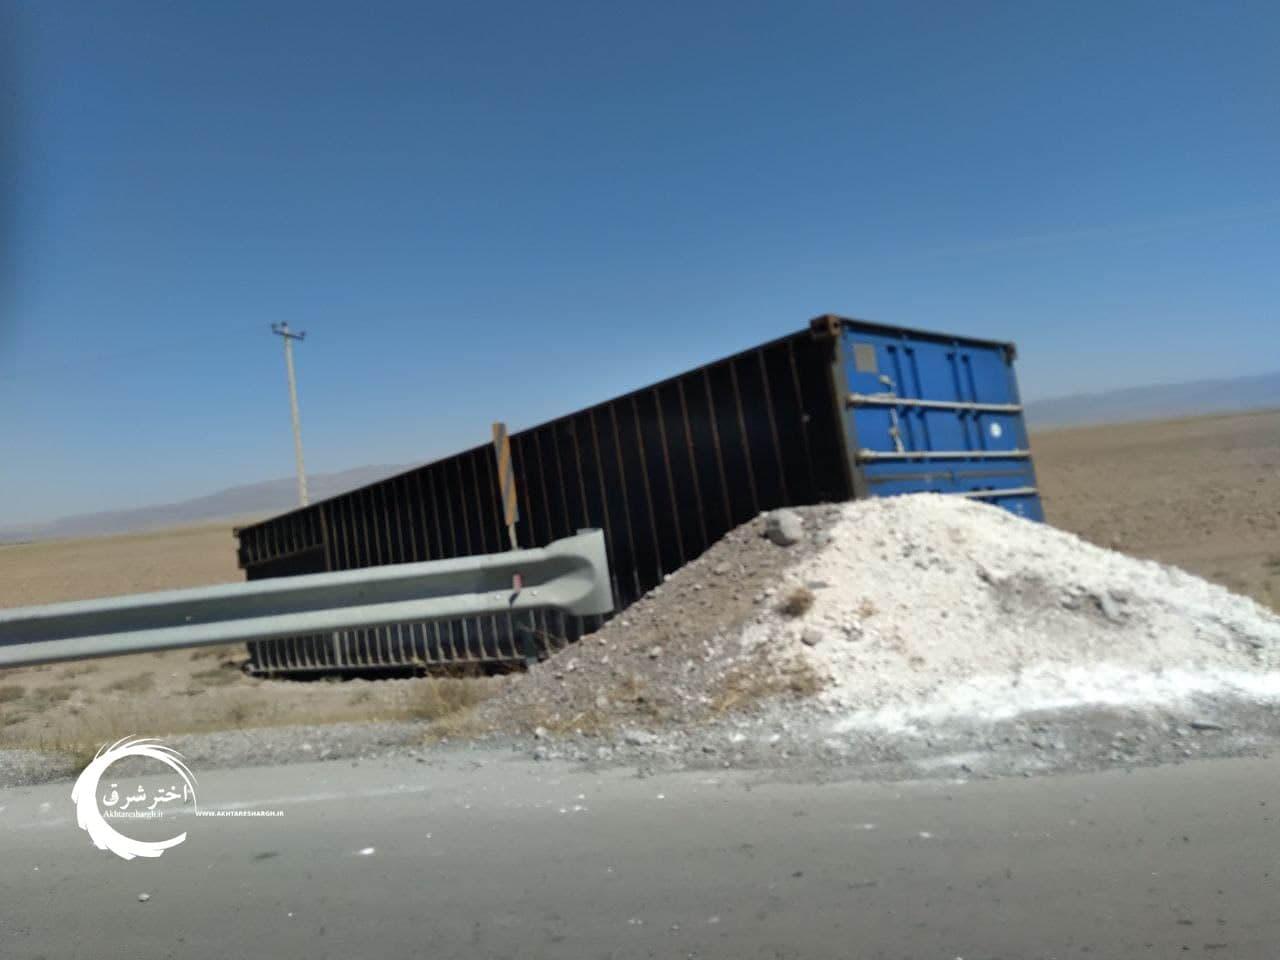 برخورد ۴ دستگاه خودرو در کیلومتر ۳۵ جاده نصرآباد به مشهد